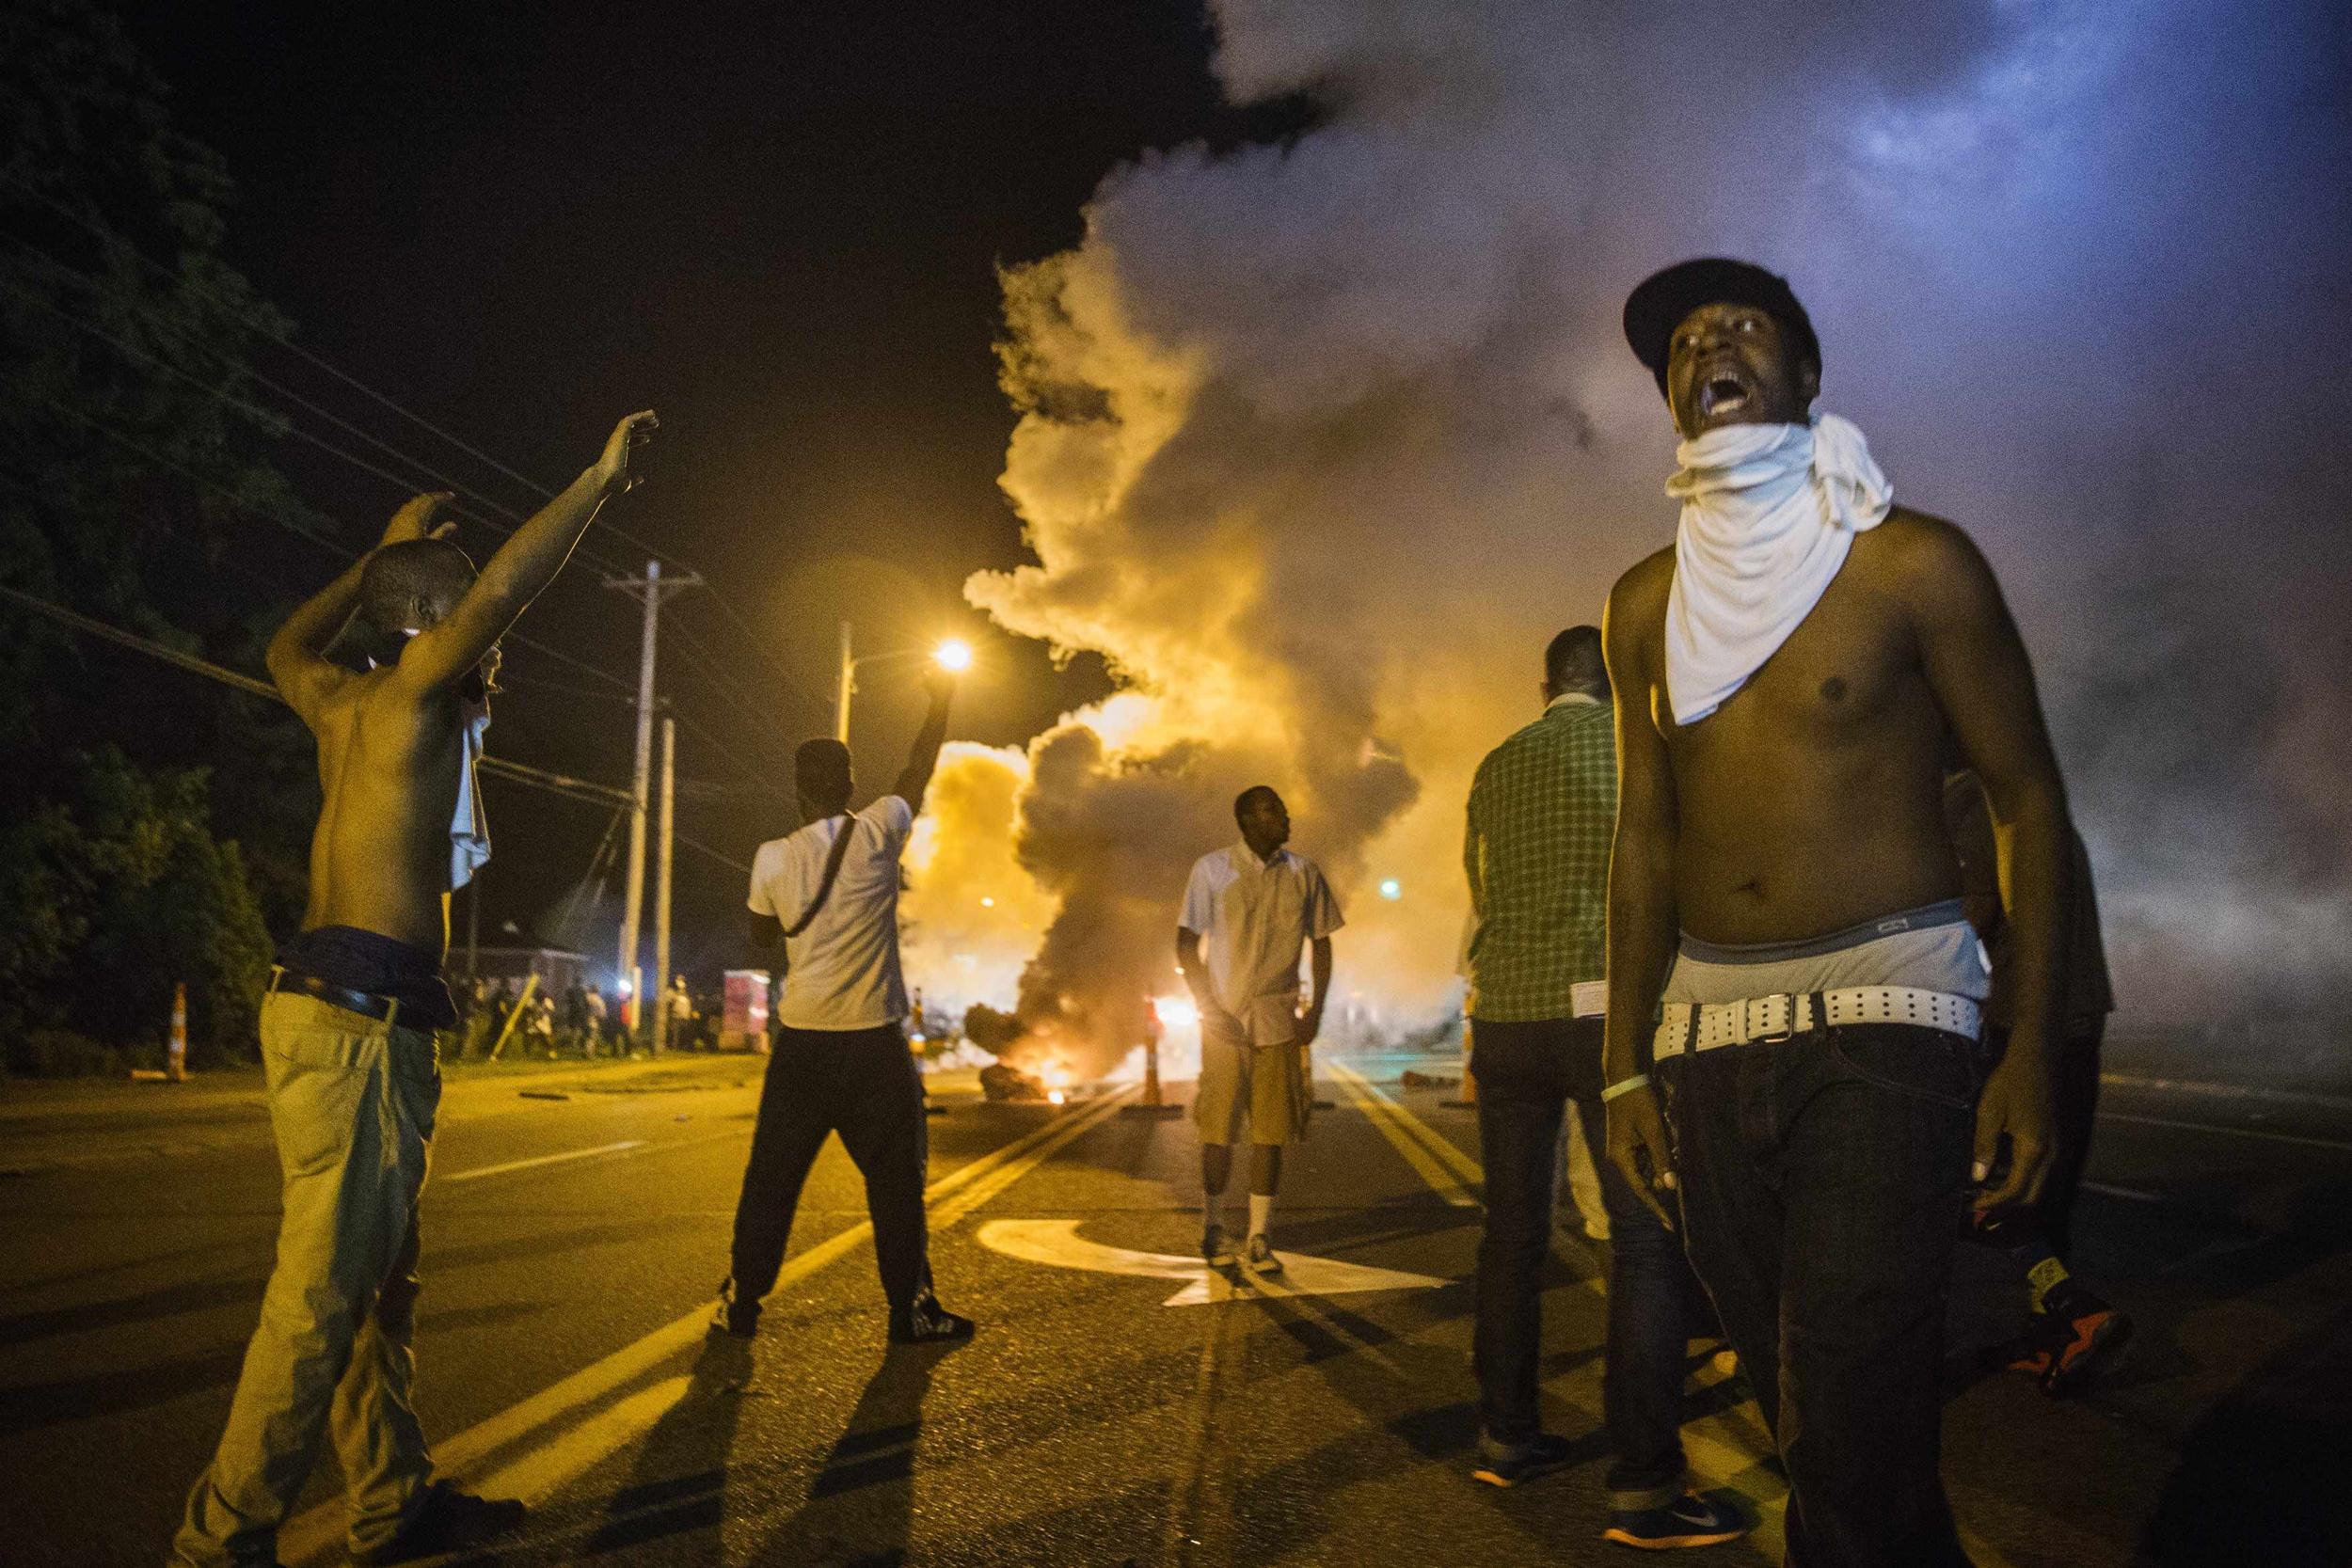 Los disturbios de Ferguson, un nuevo episodio de tensión racial en EE.UU.